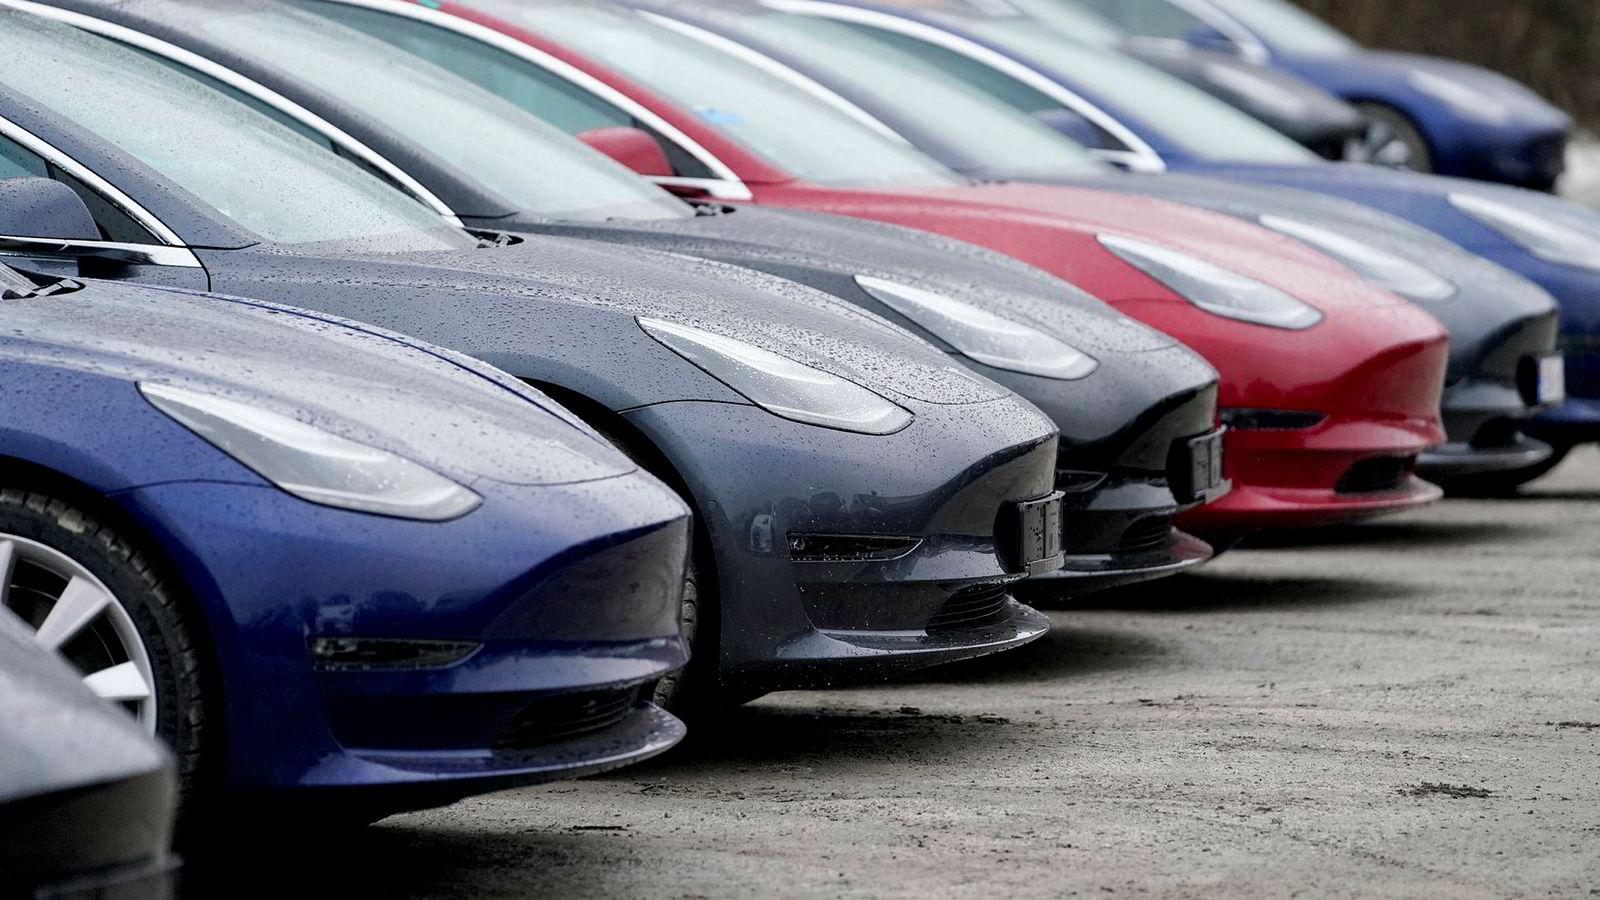 Elbilforeningen forventer at avgiftsfritakene og bruksfordelene for elbil står fast.